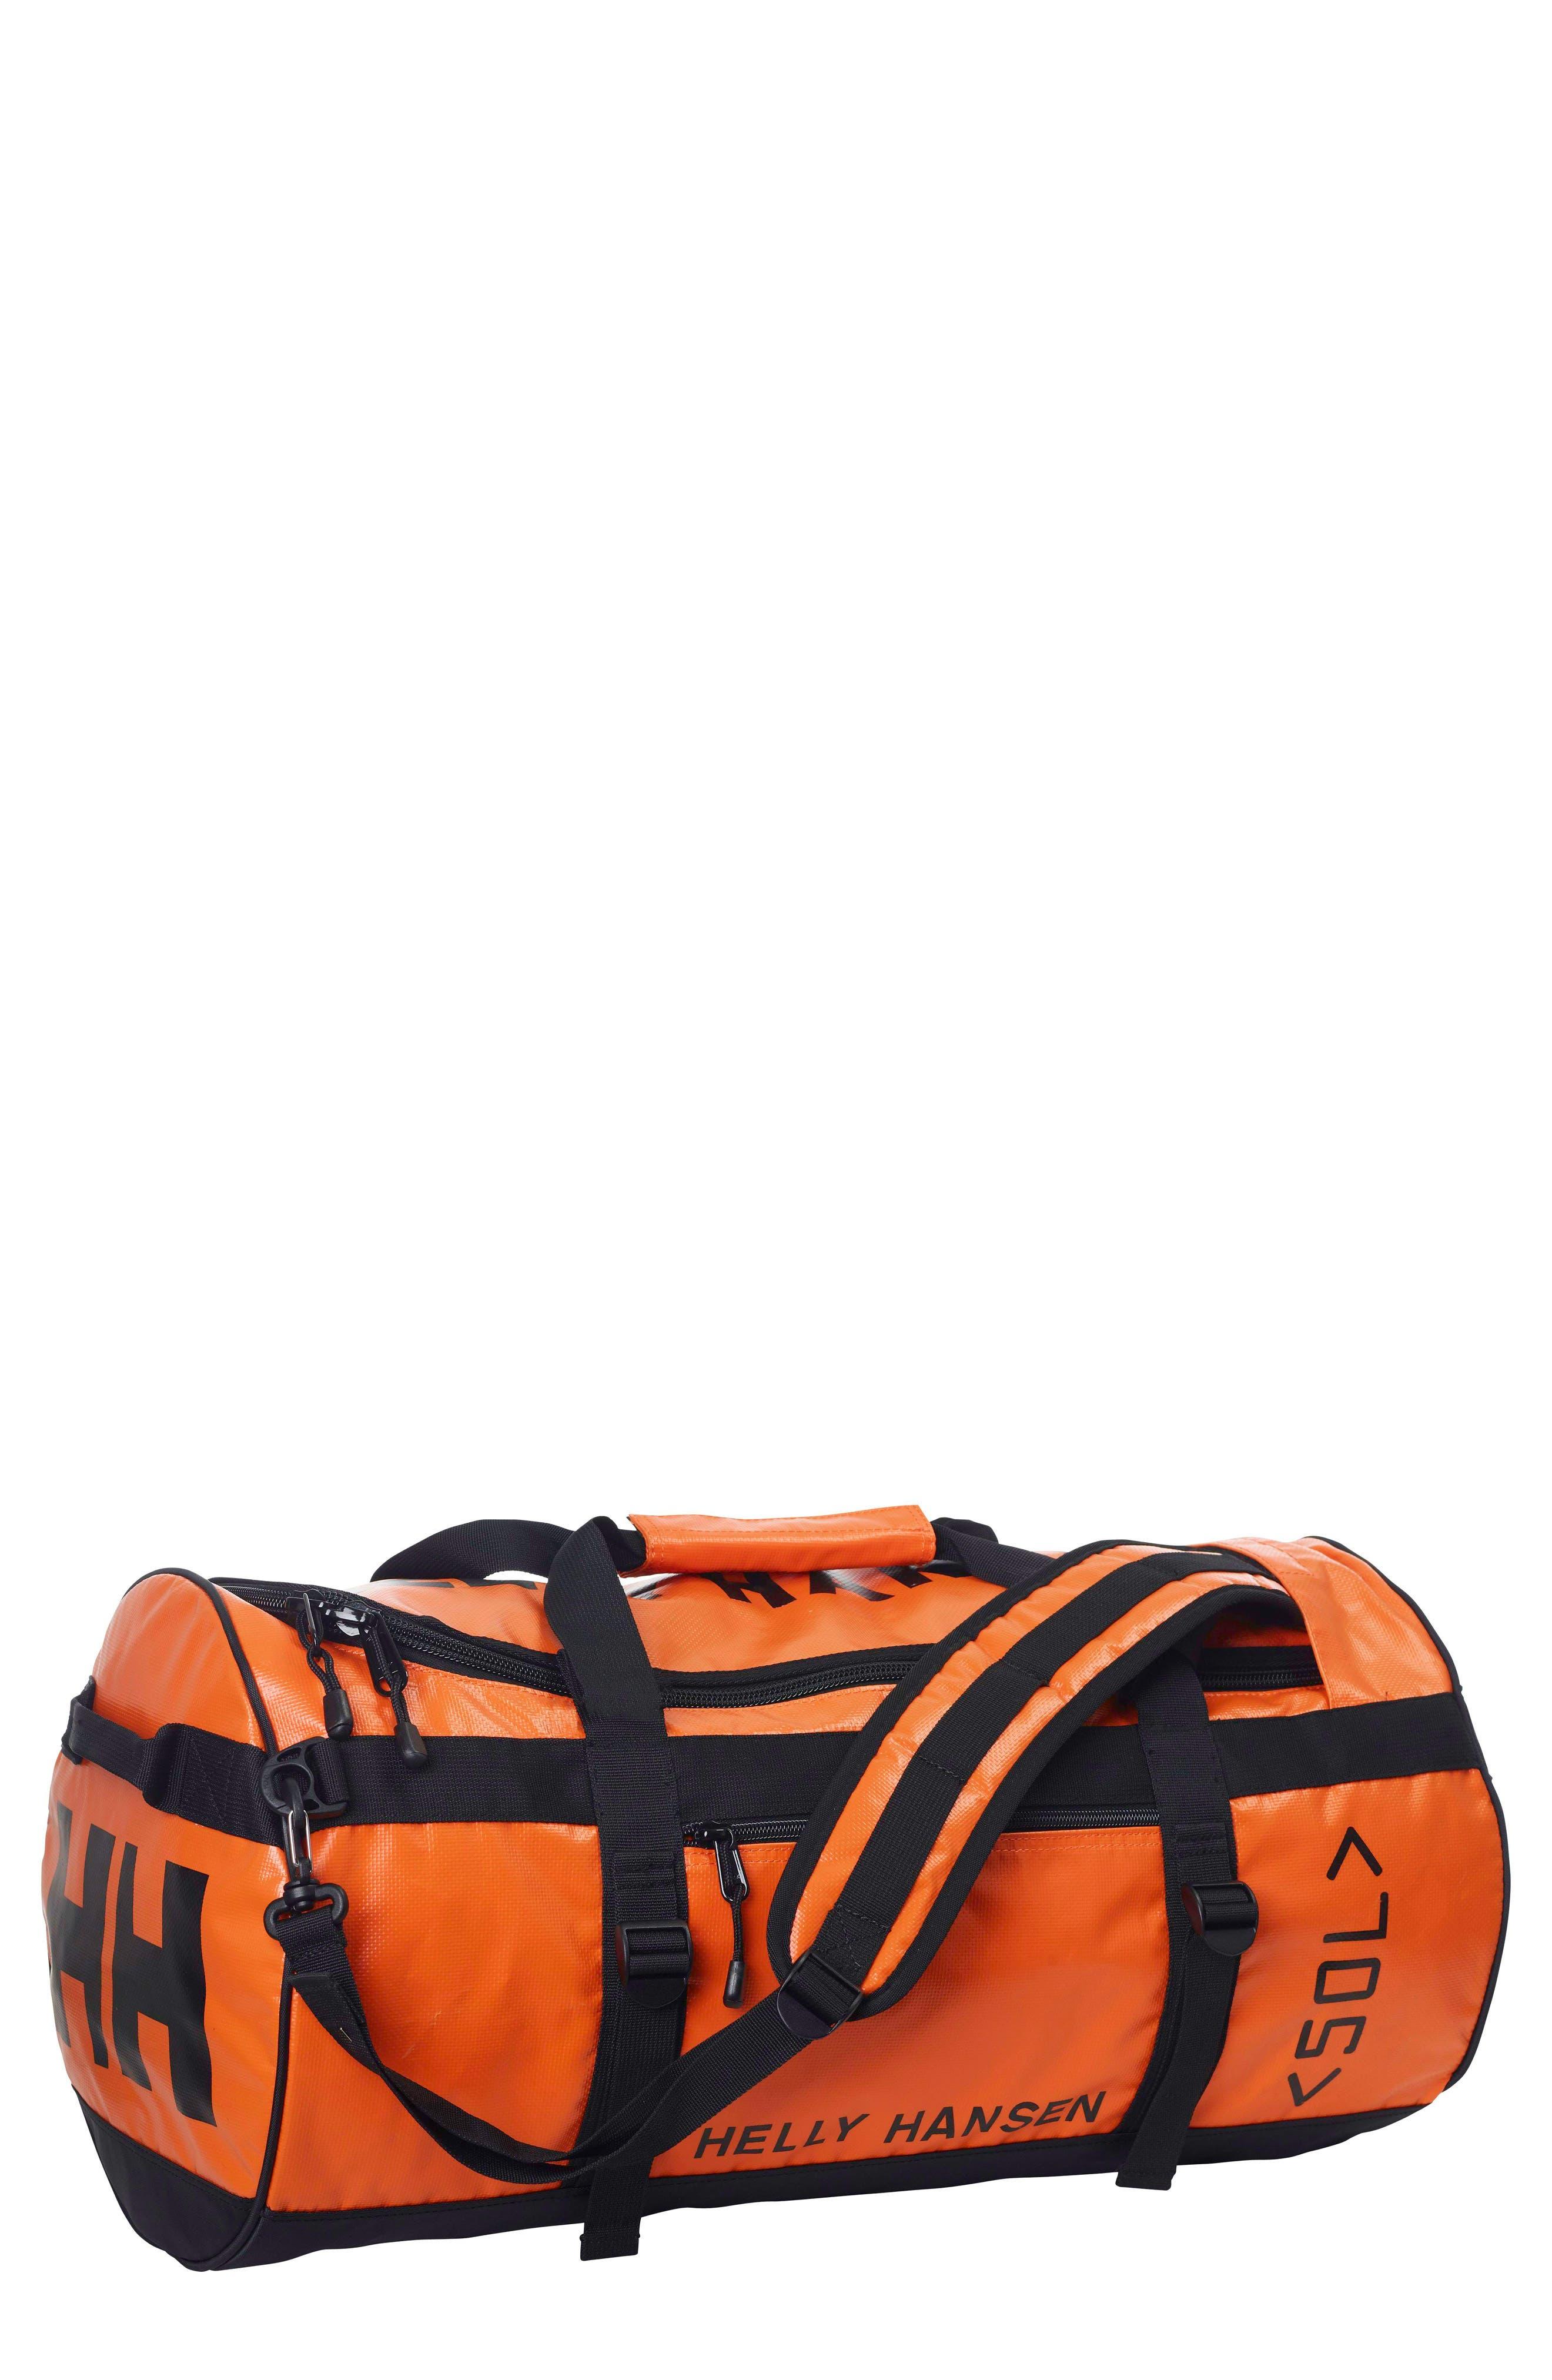 Helly Hansen Classic 50-Liter Duffel Bag